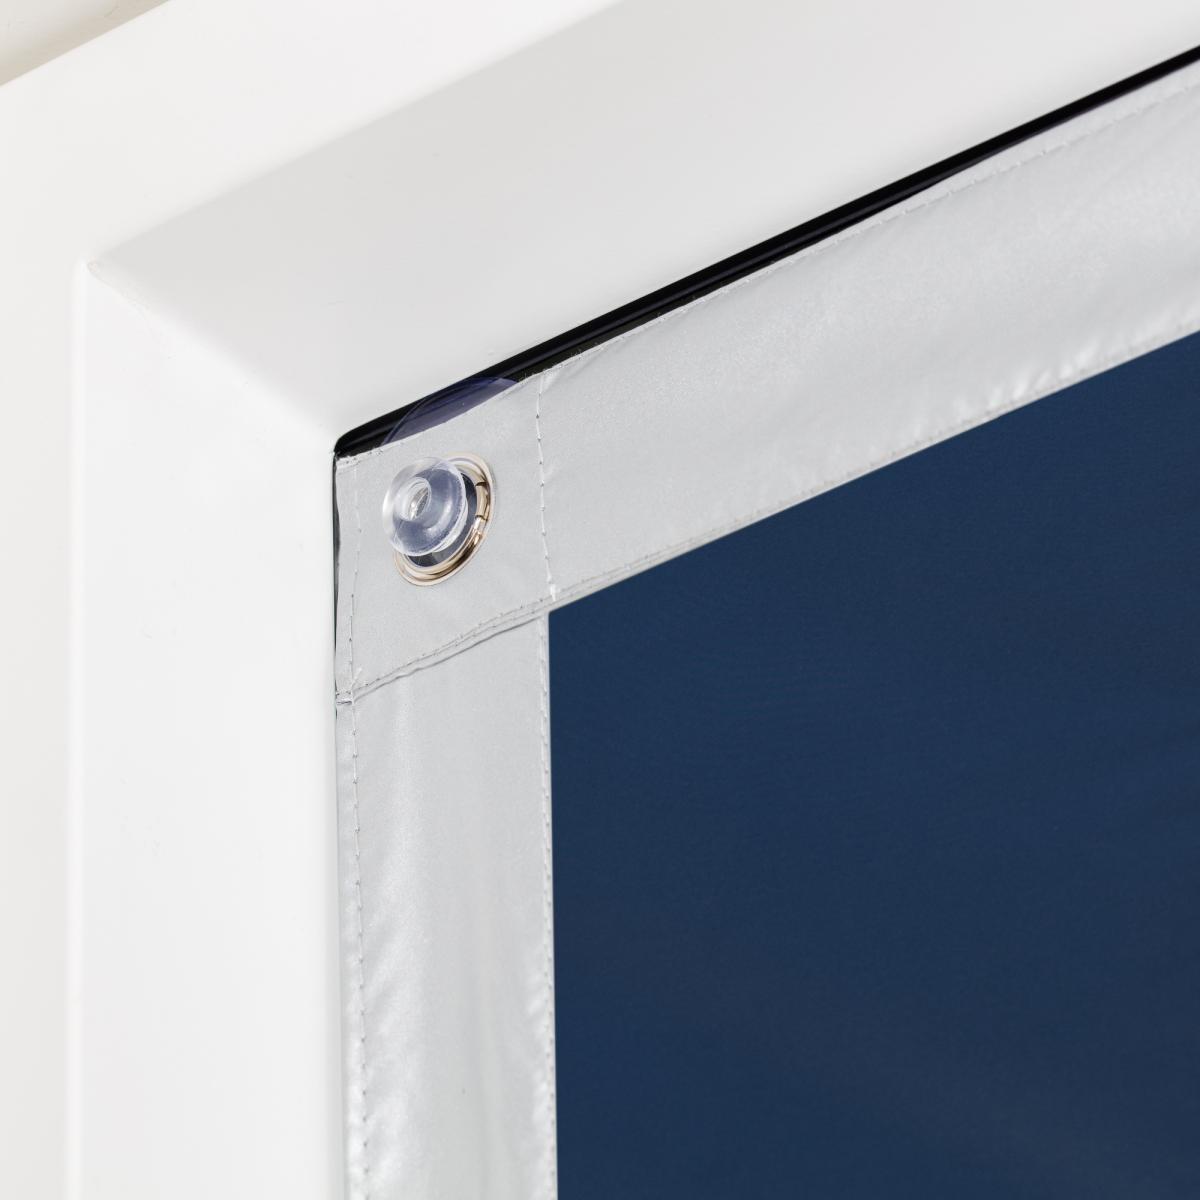 Bild 3 von Lichtblick Dachfenster Sonnenschutz Haftfix, ohne Bohren, Verdunkelung, Blau, 36 cm x 71,5 cm (B x L